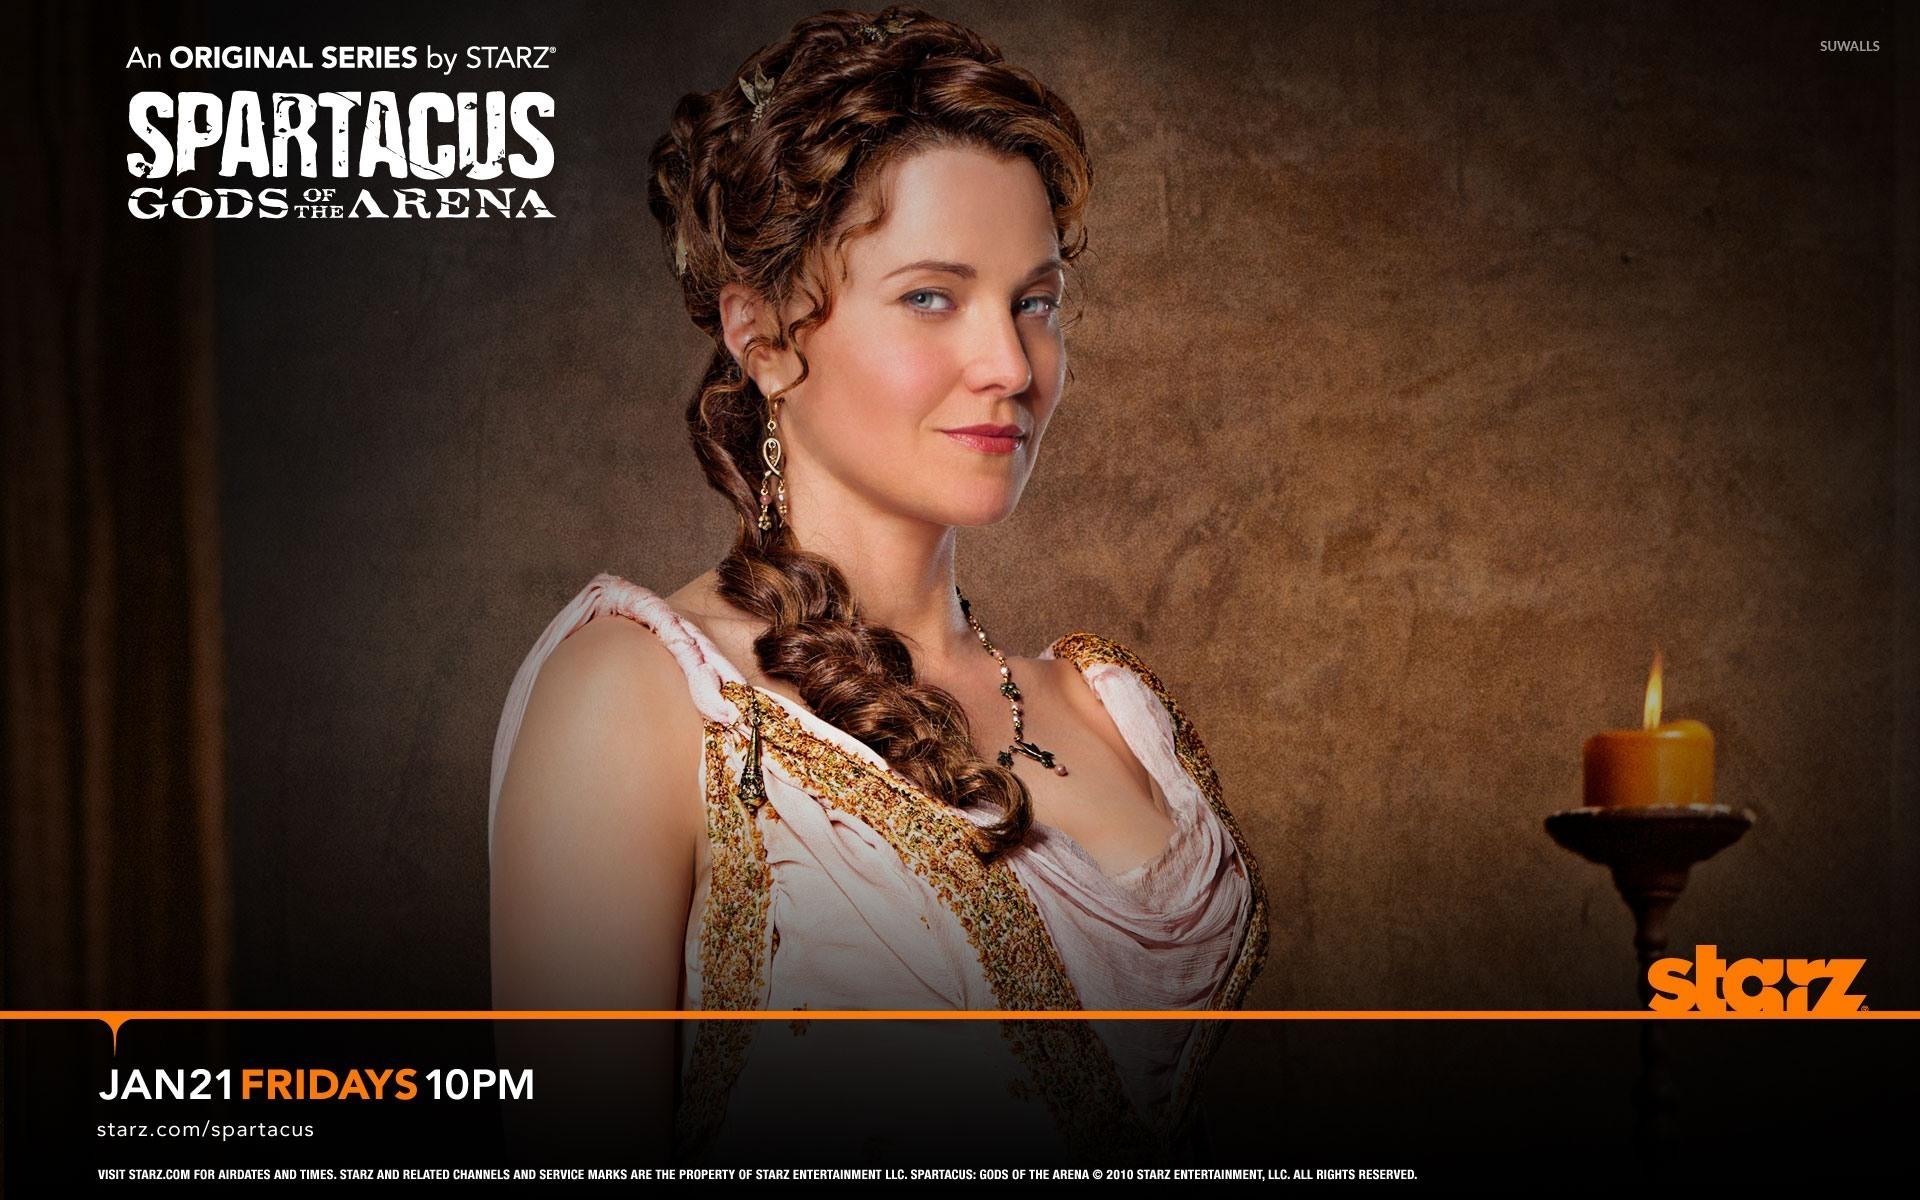 spartacus gods of arena download